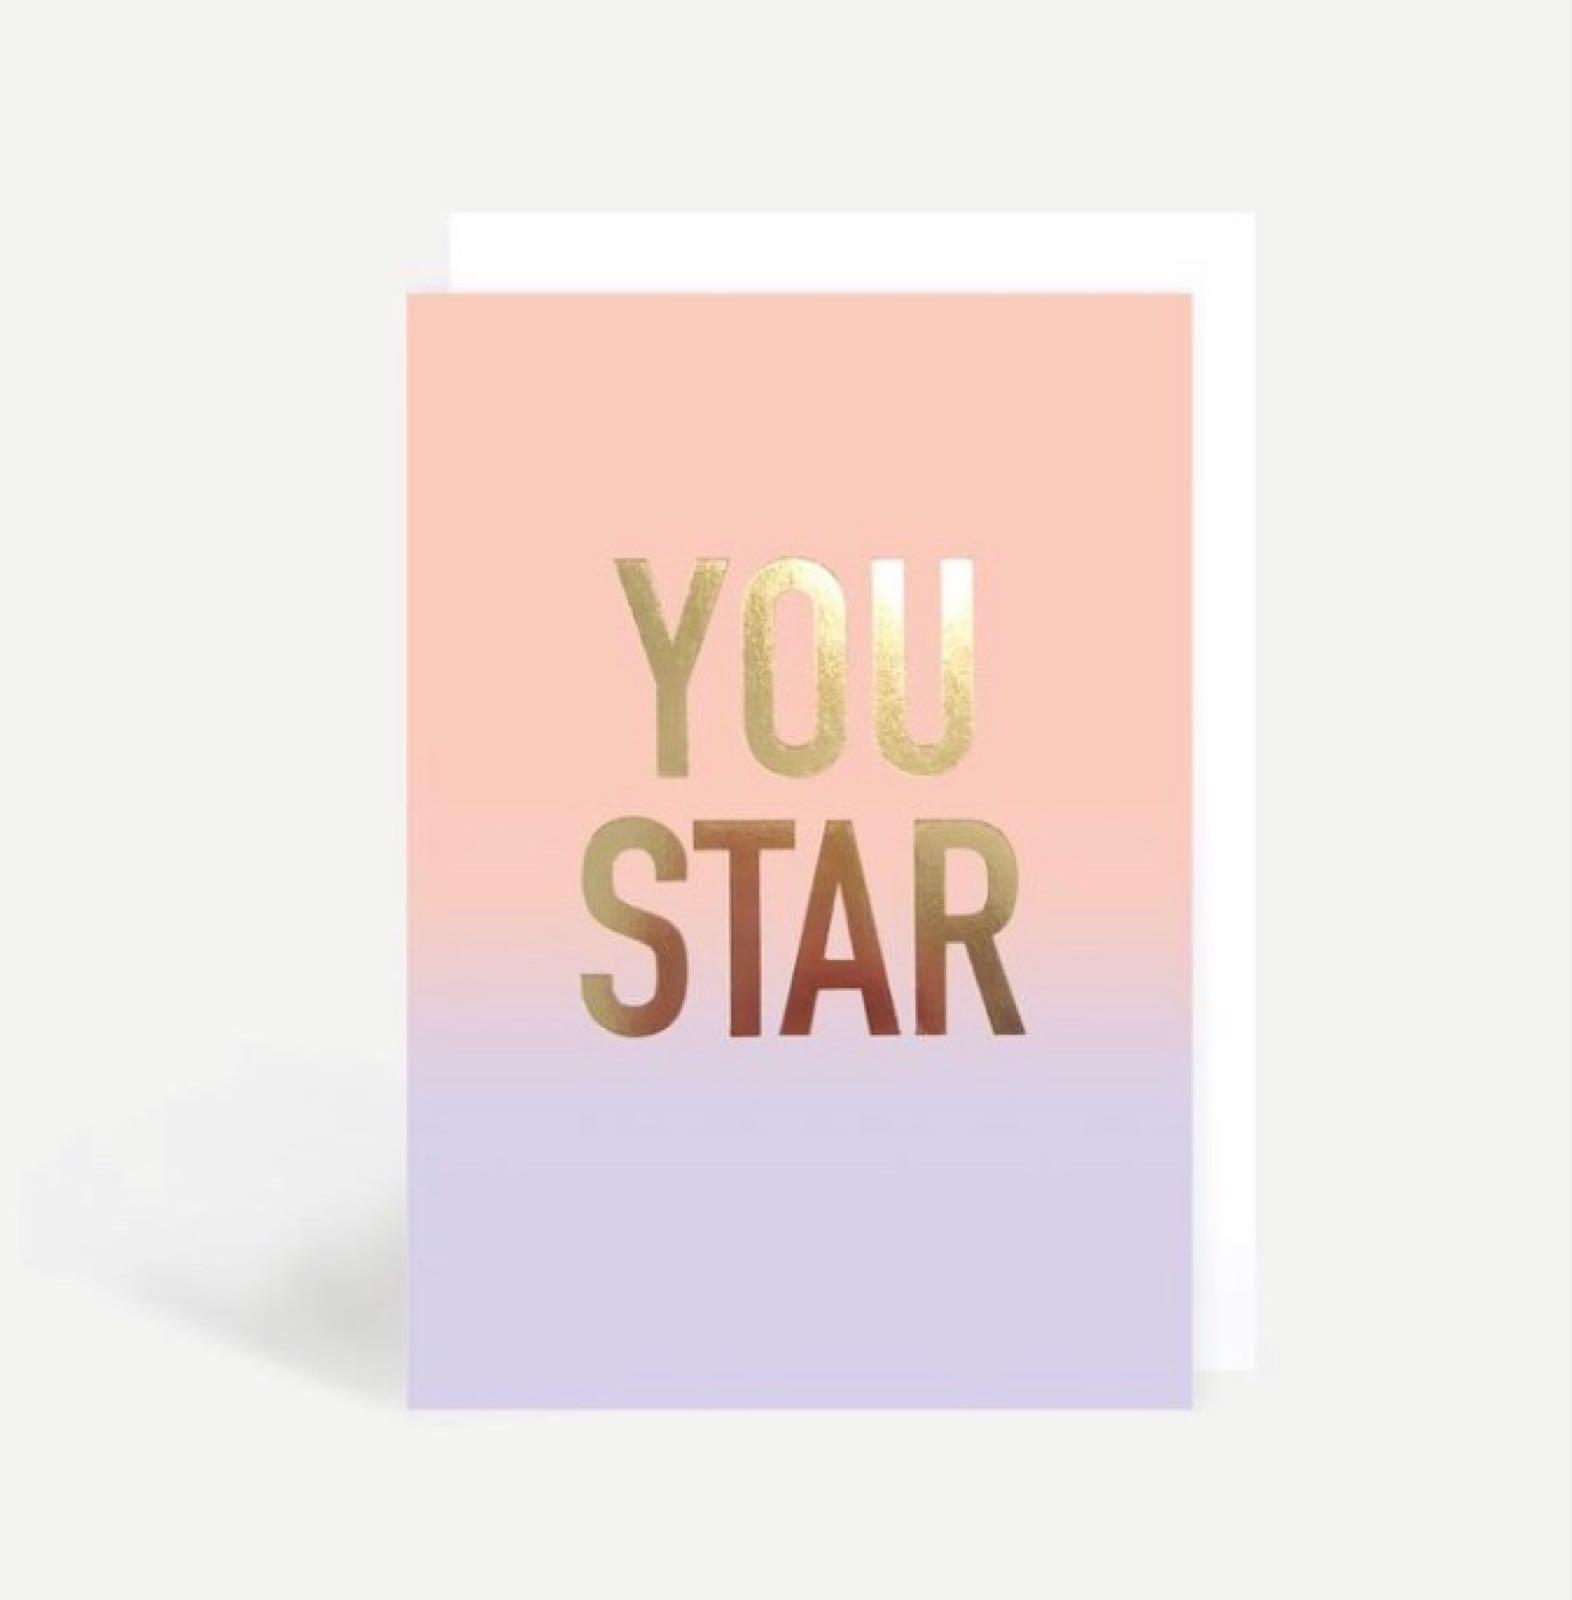 You Star (MI06)